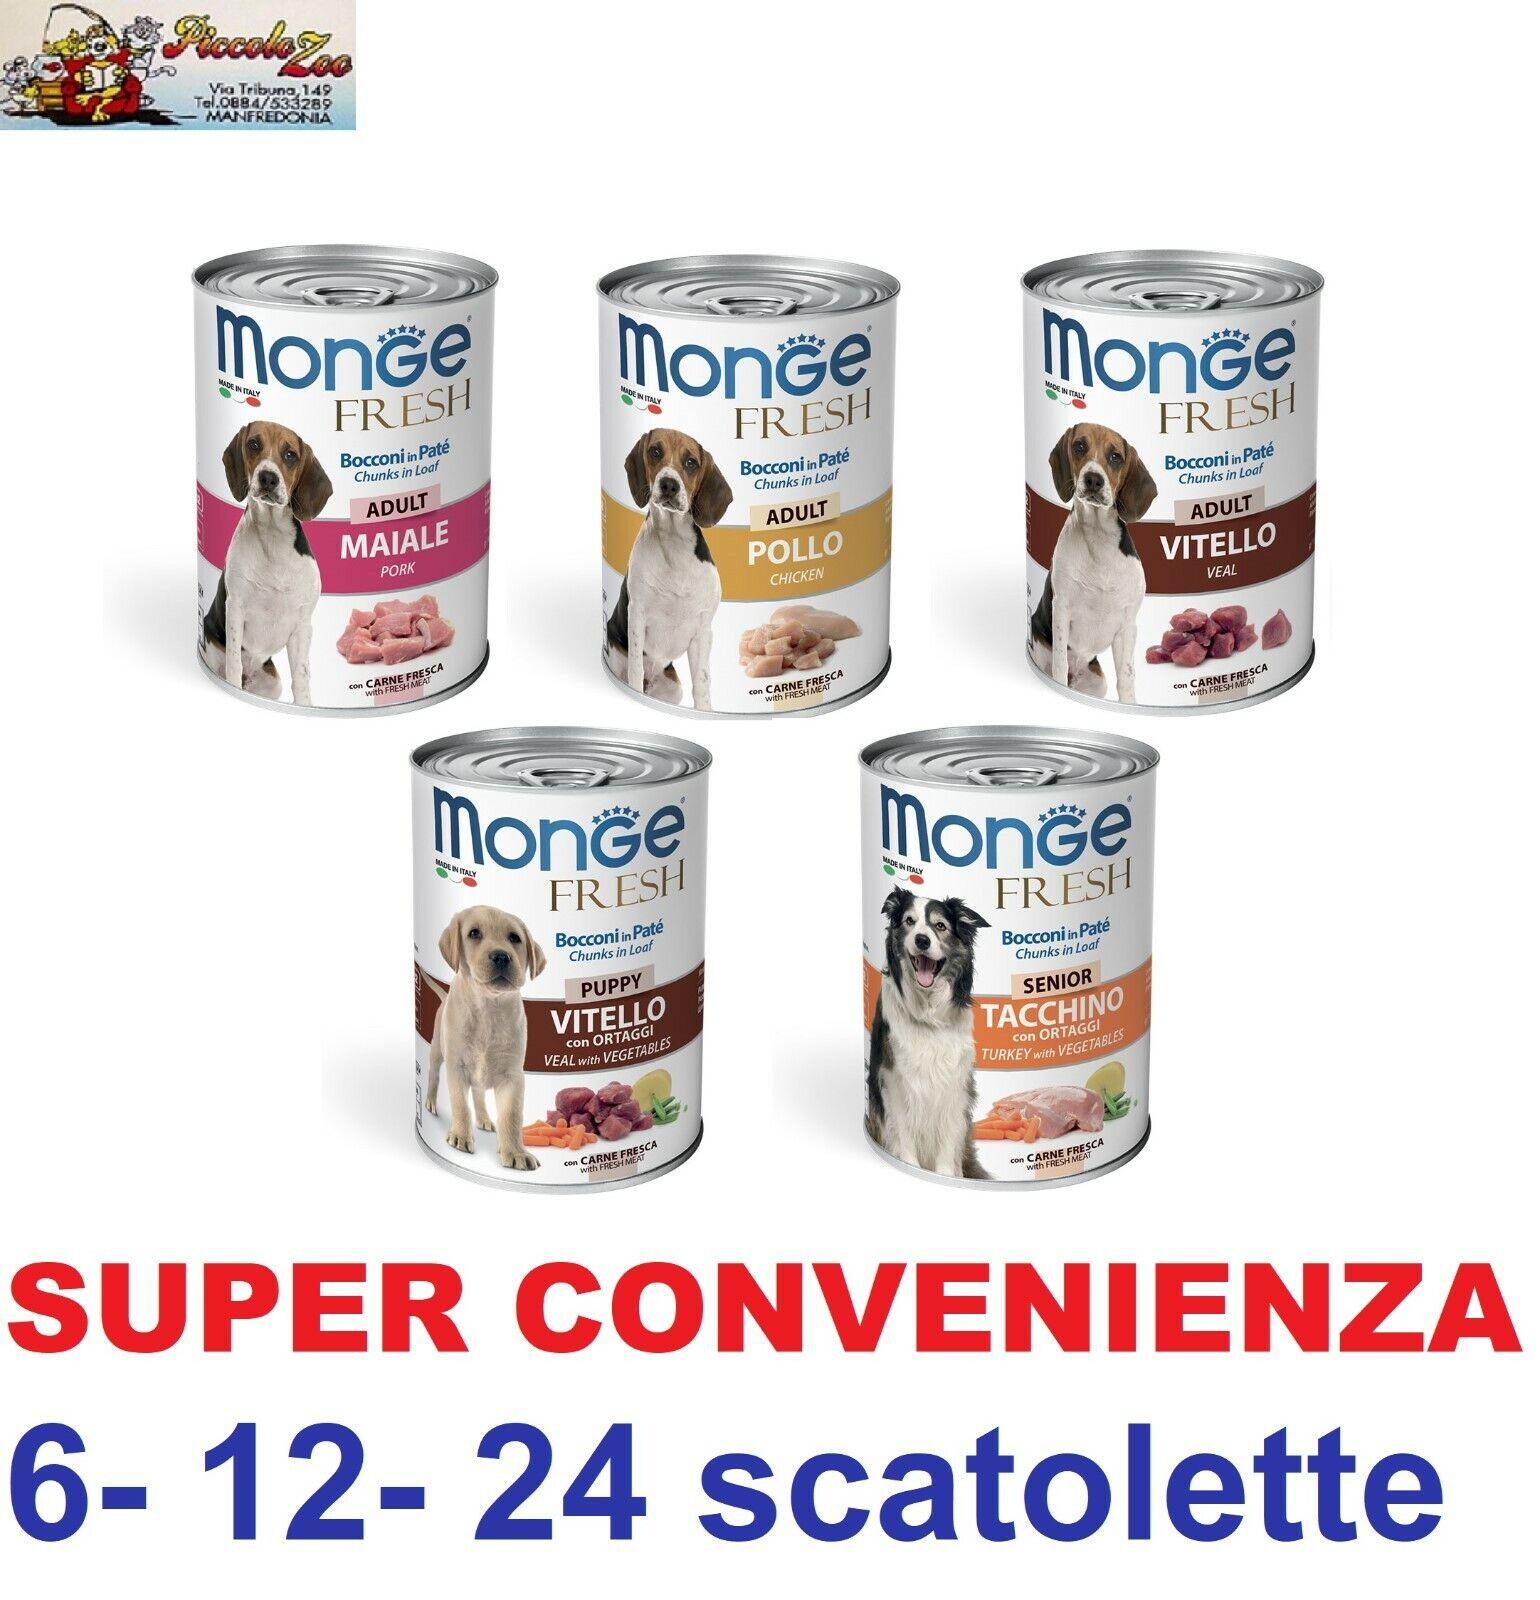 Monge Monoproteico scatolette paté da 400gr cibo umido per cani 6-12-24 pezzi